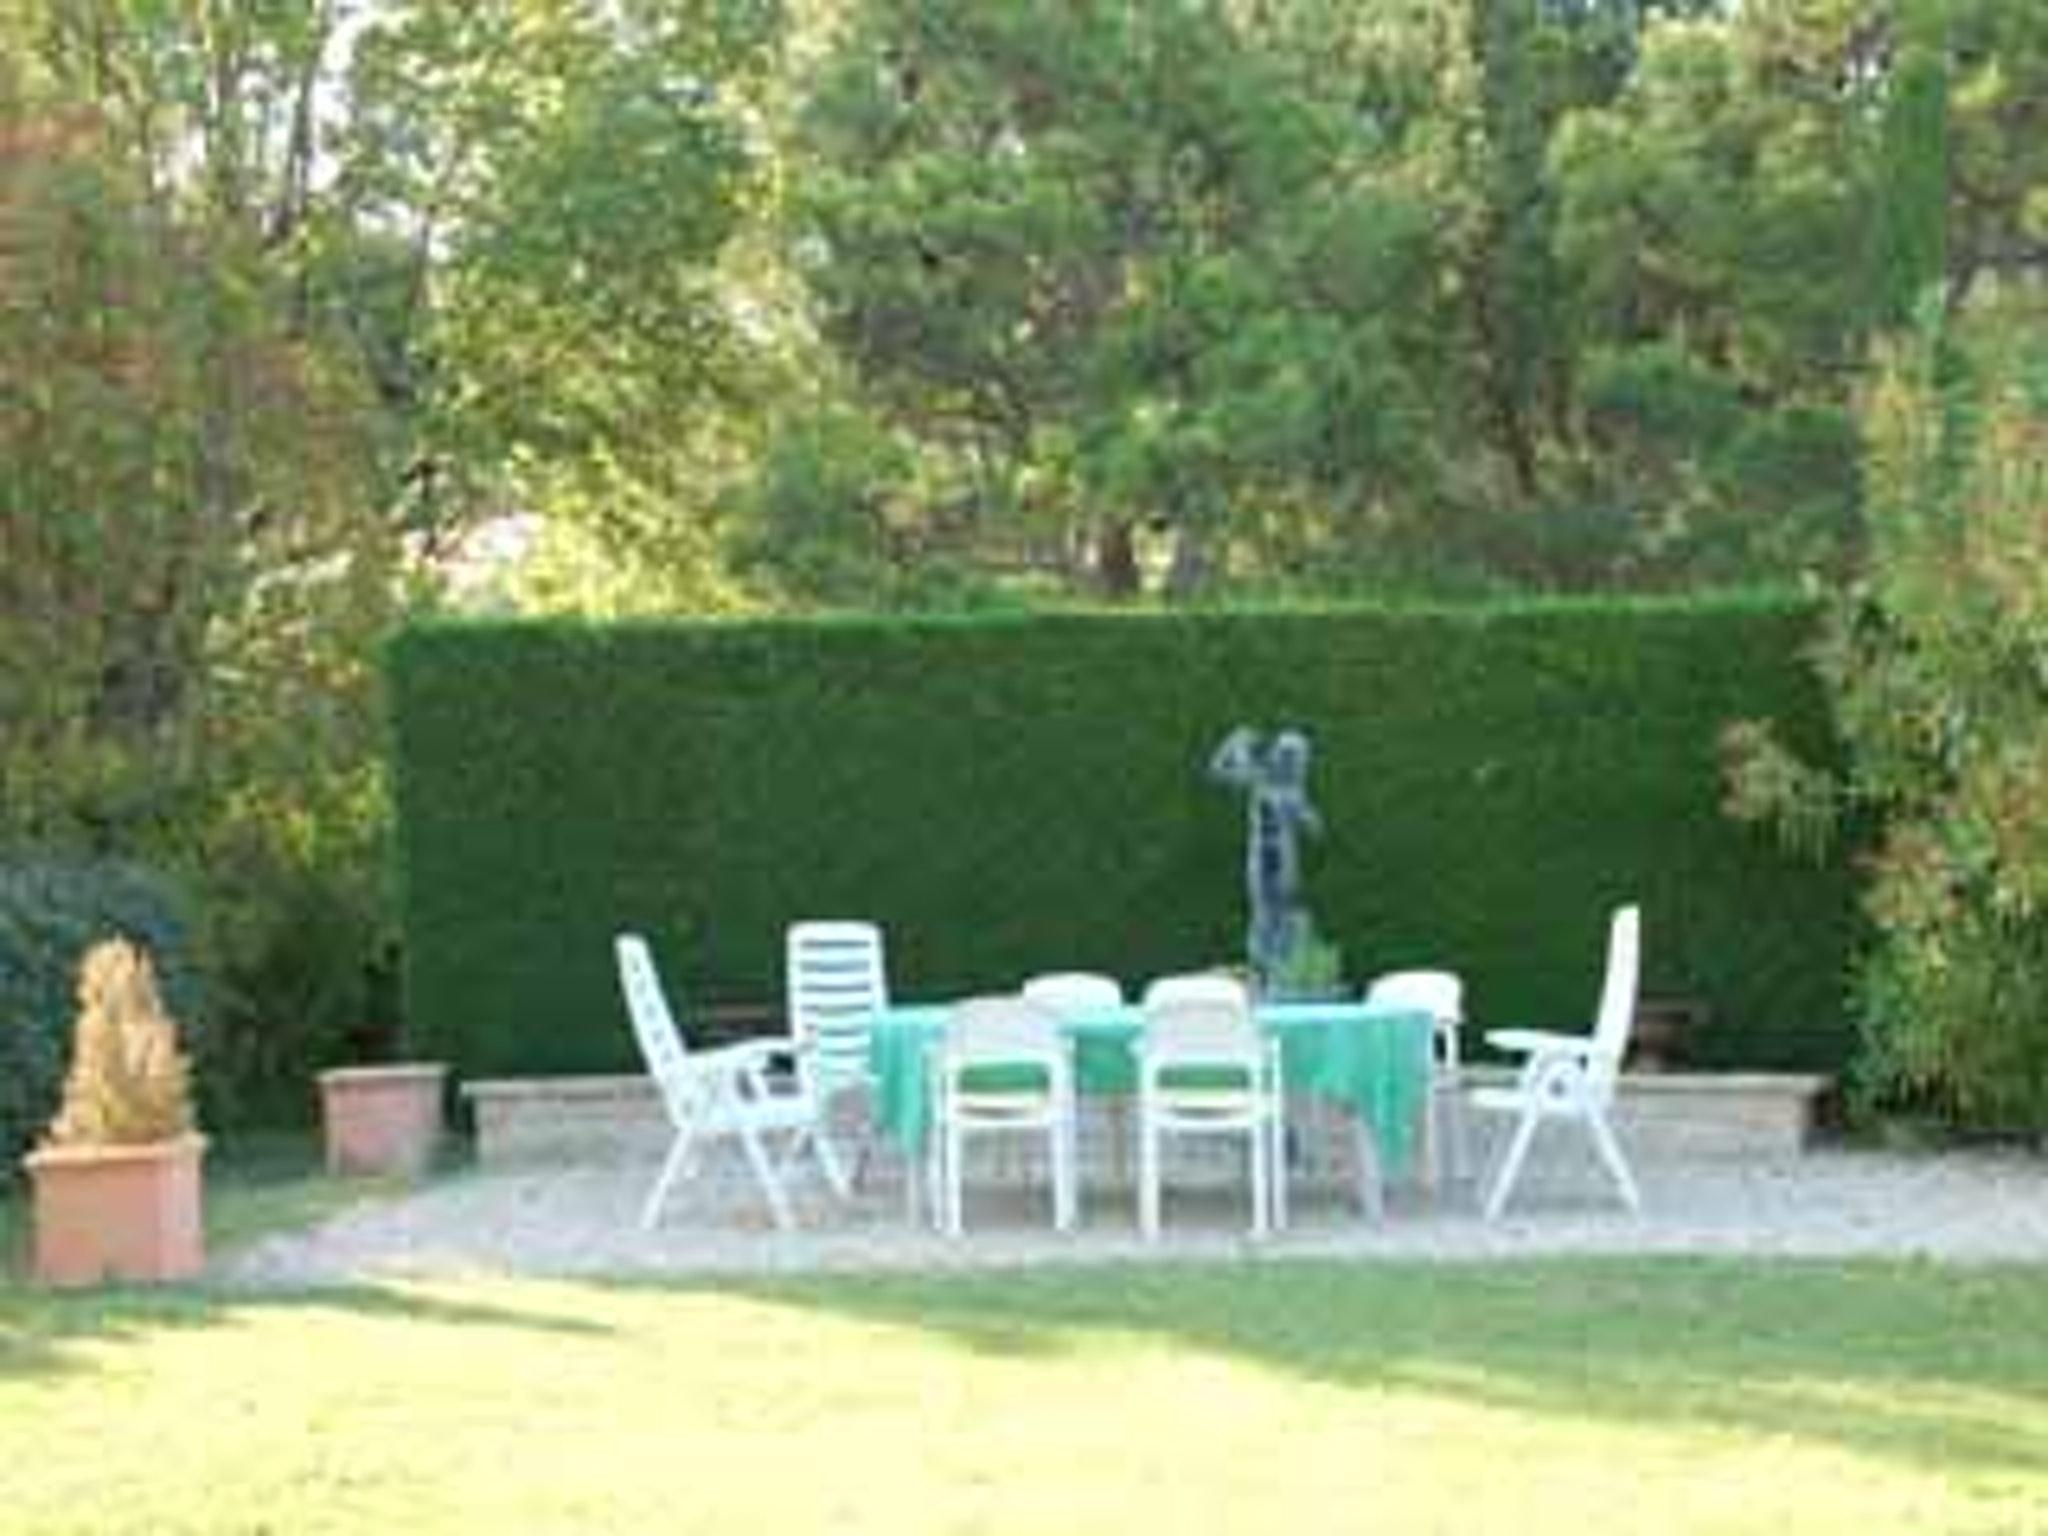 Ferienhaus Villa mit 4 Schlafzimmern in Pernes-les-Fontaines mit toller Aussicht auf die Berge, priva (2519446), Pernes les Fontaines, Saône-et-Loire, Burgund, Frankreich, Bild 23